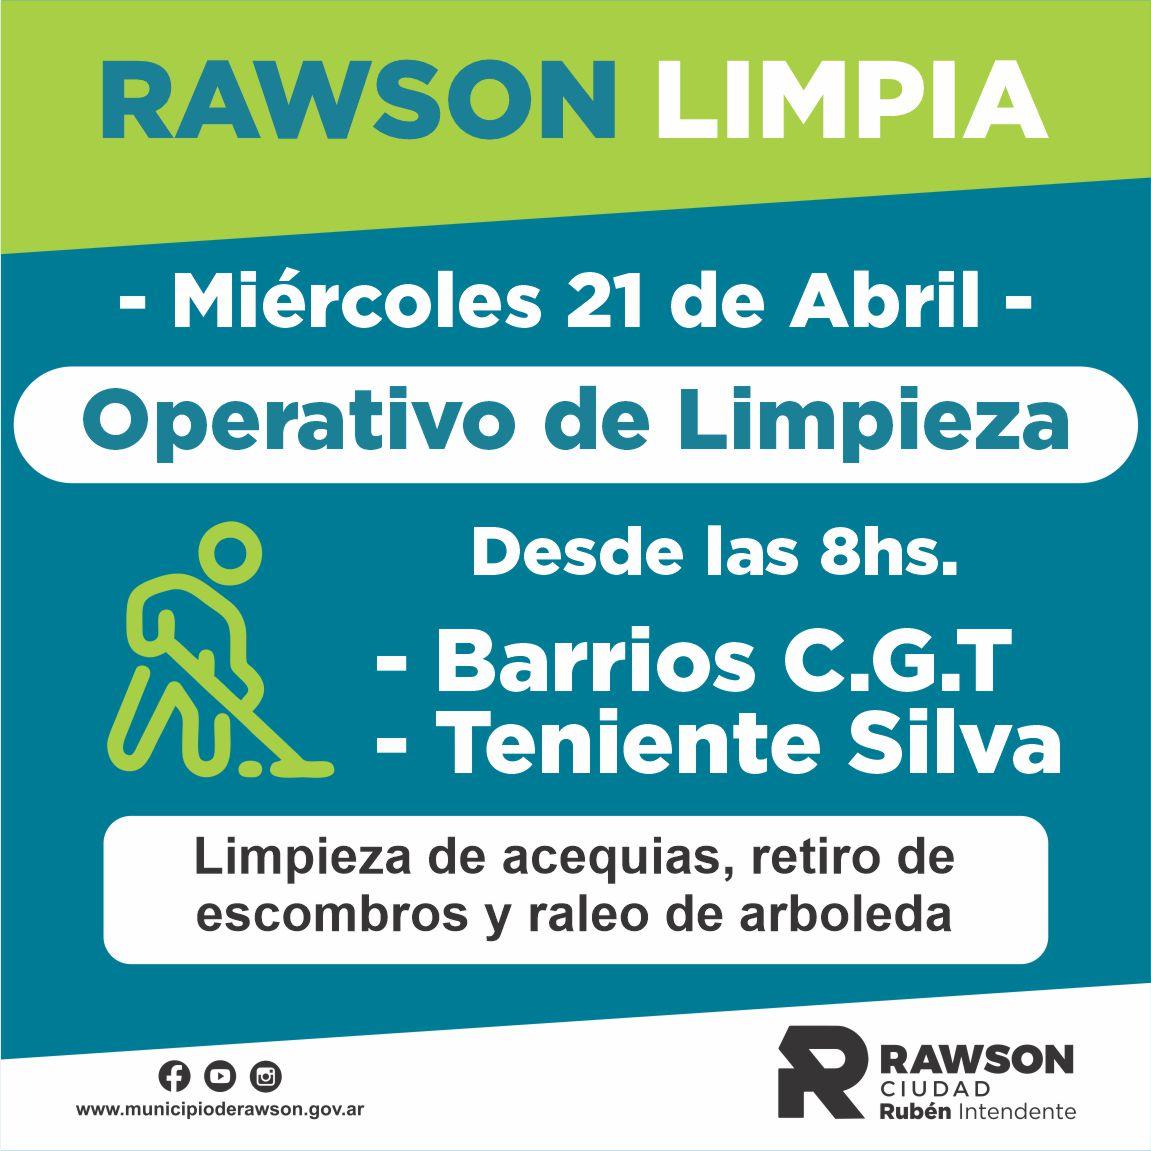 Operativo de limpieza en Rawson